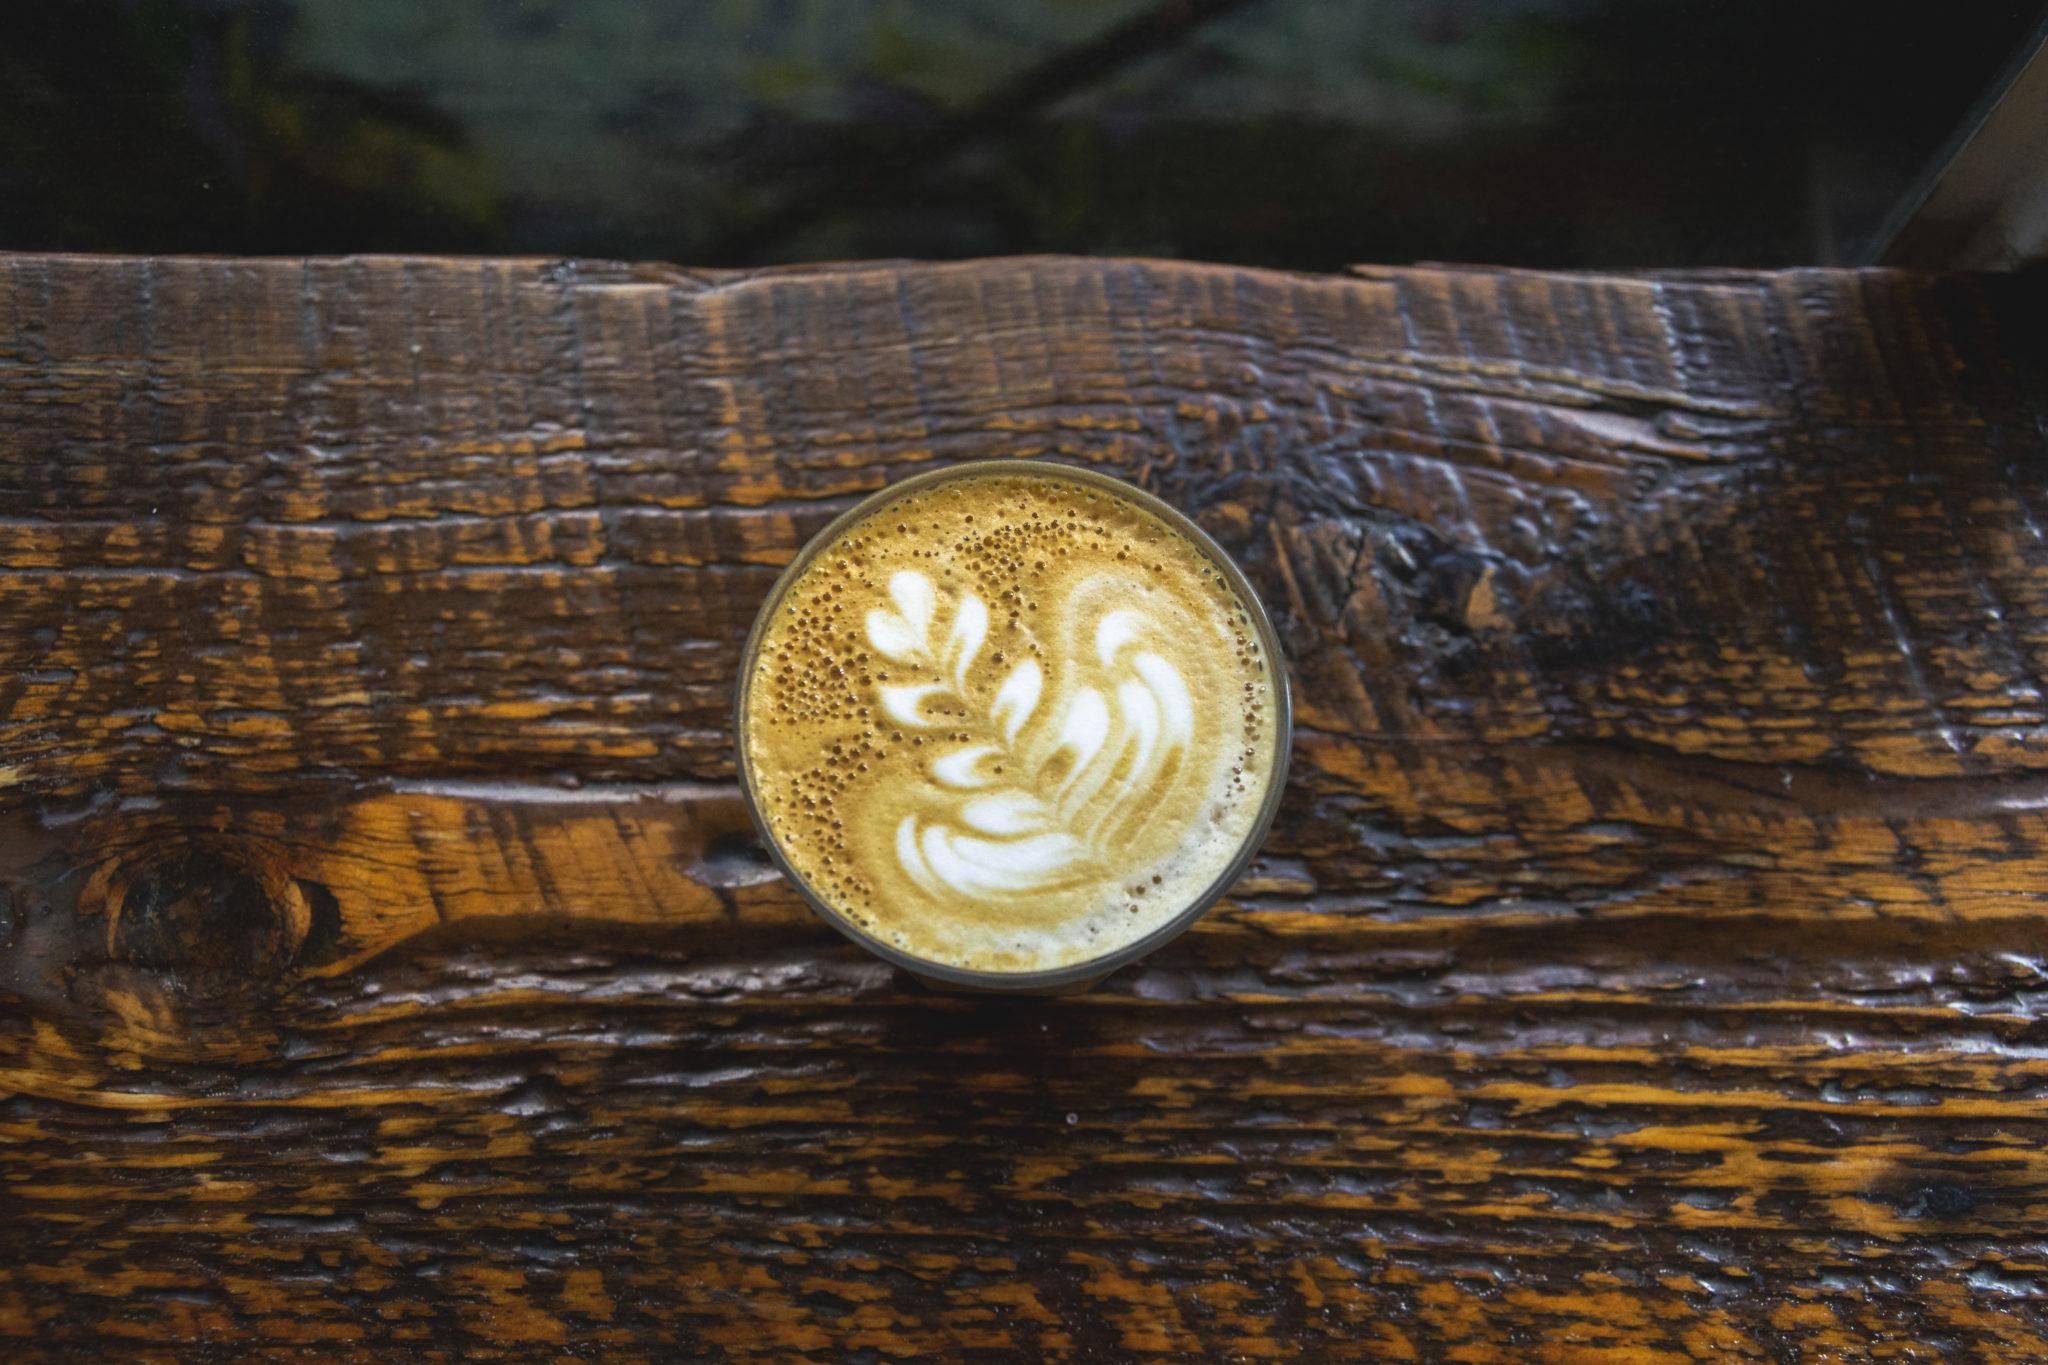 latte art on wooden shelf